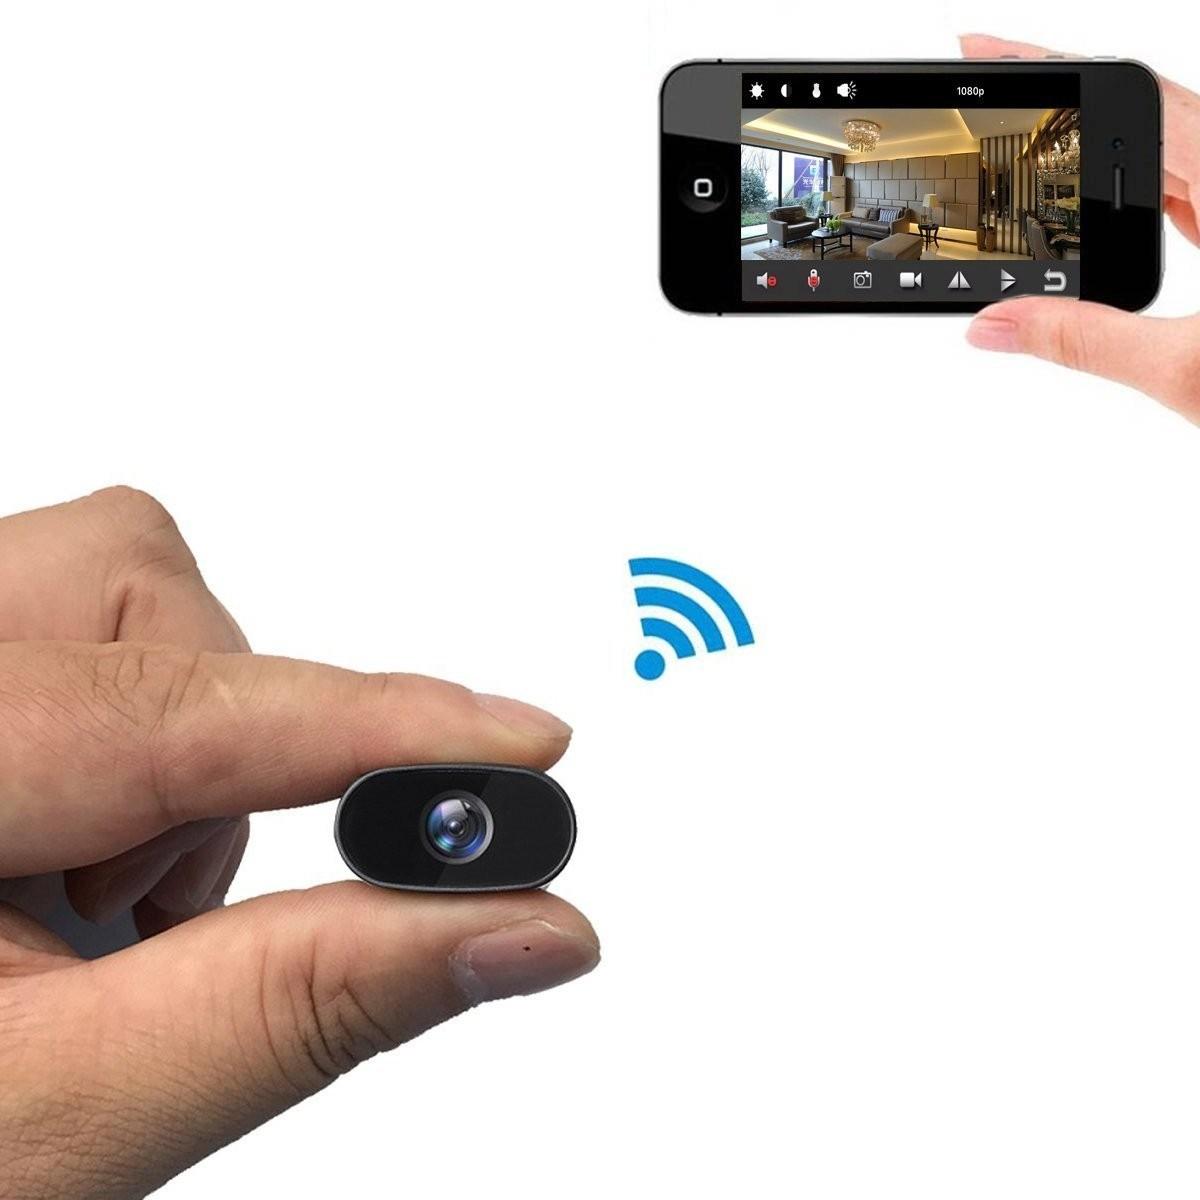 Mua Bán Camera Thông Minh: Lắp đặt camera giám sát loại nào tốt nhất hiện  nay